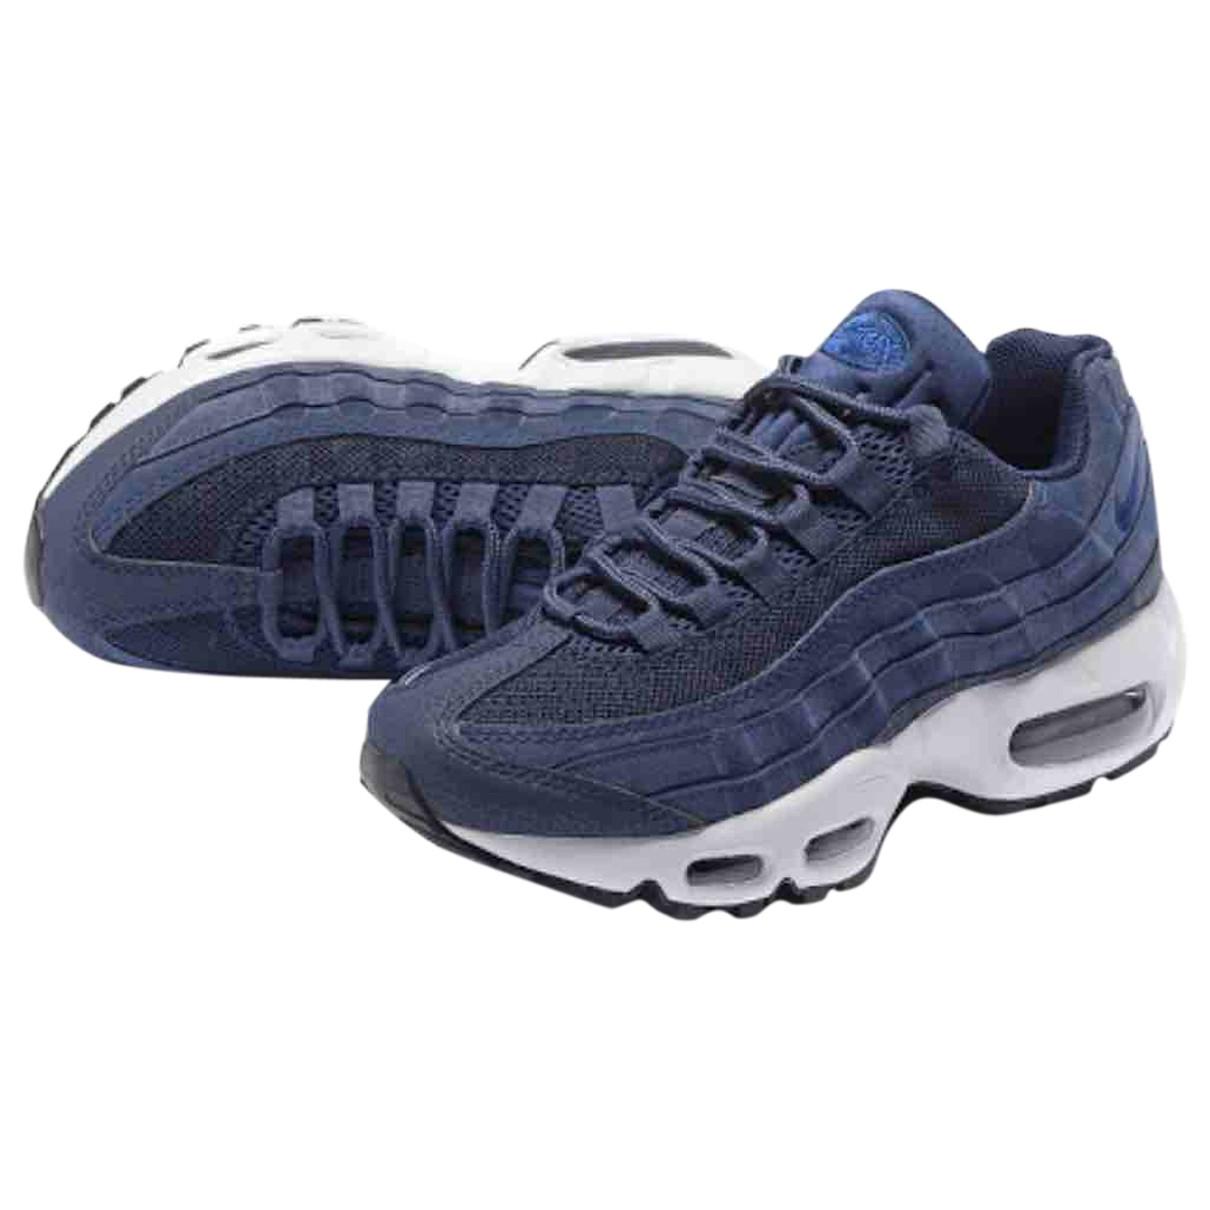 Nike - Baskets Air Max 95 pour homme - bleu